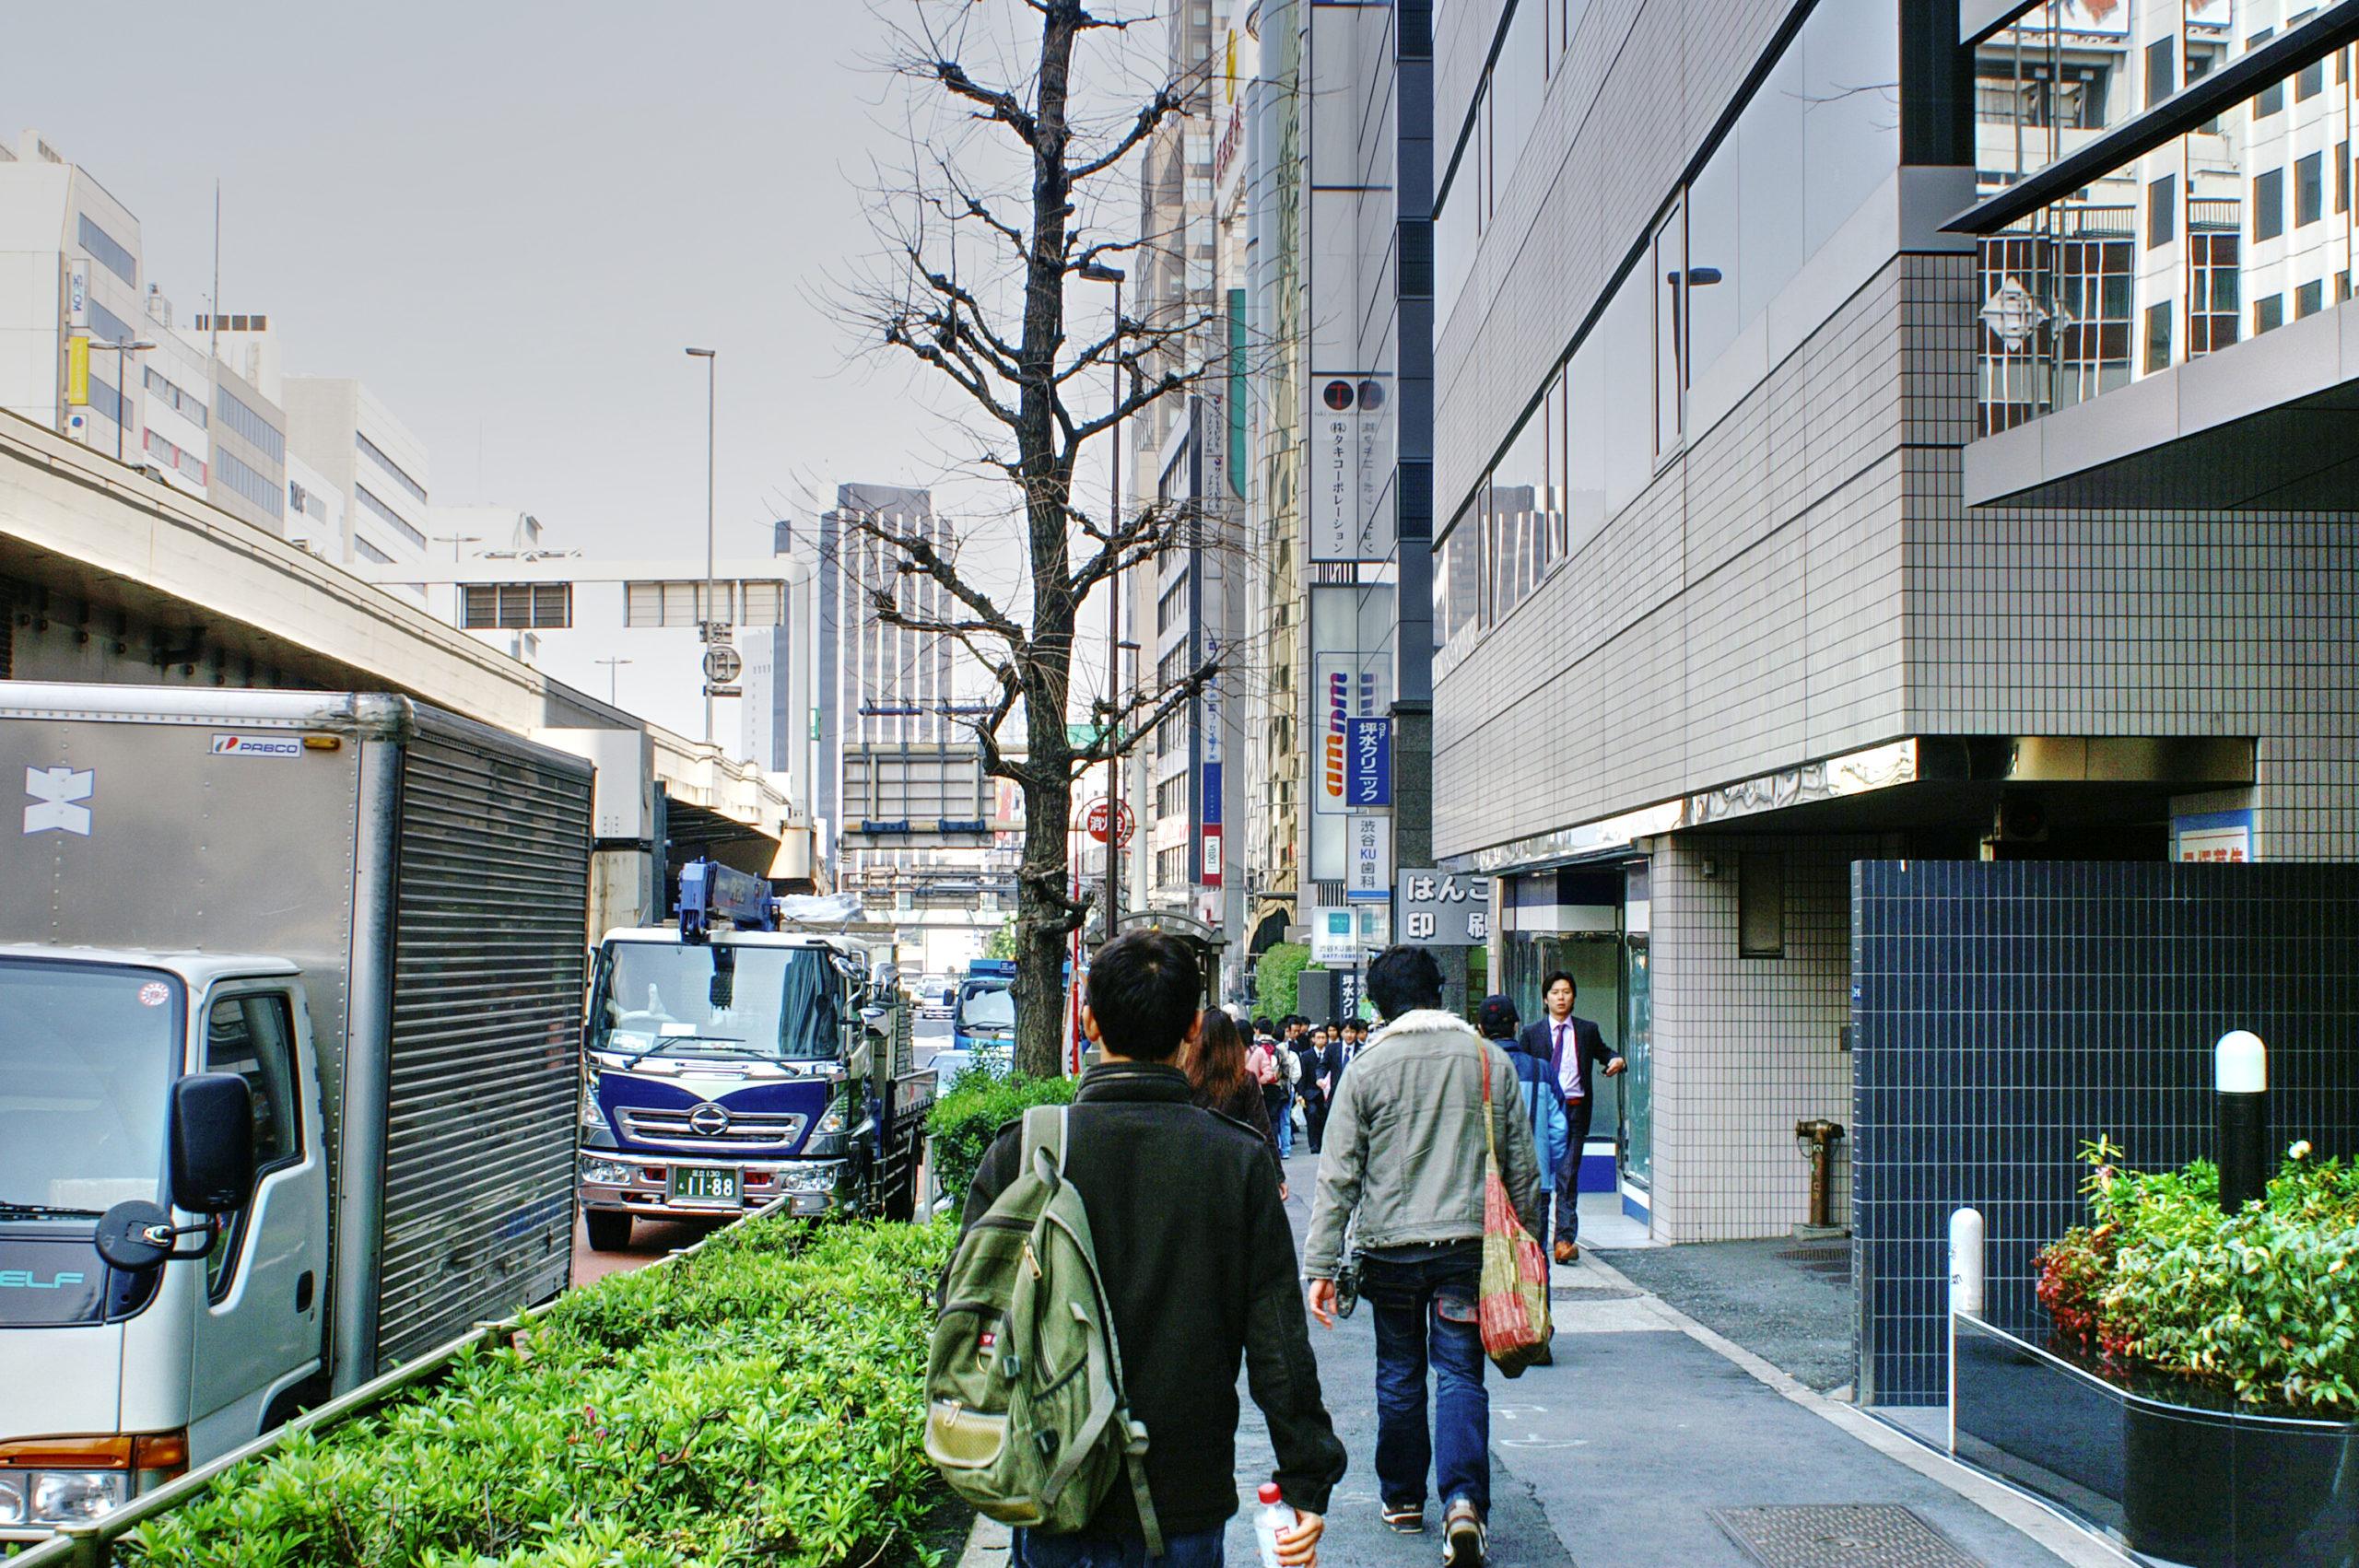 Returning from school in Shibuya